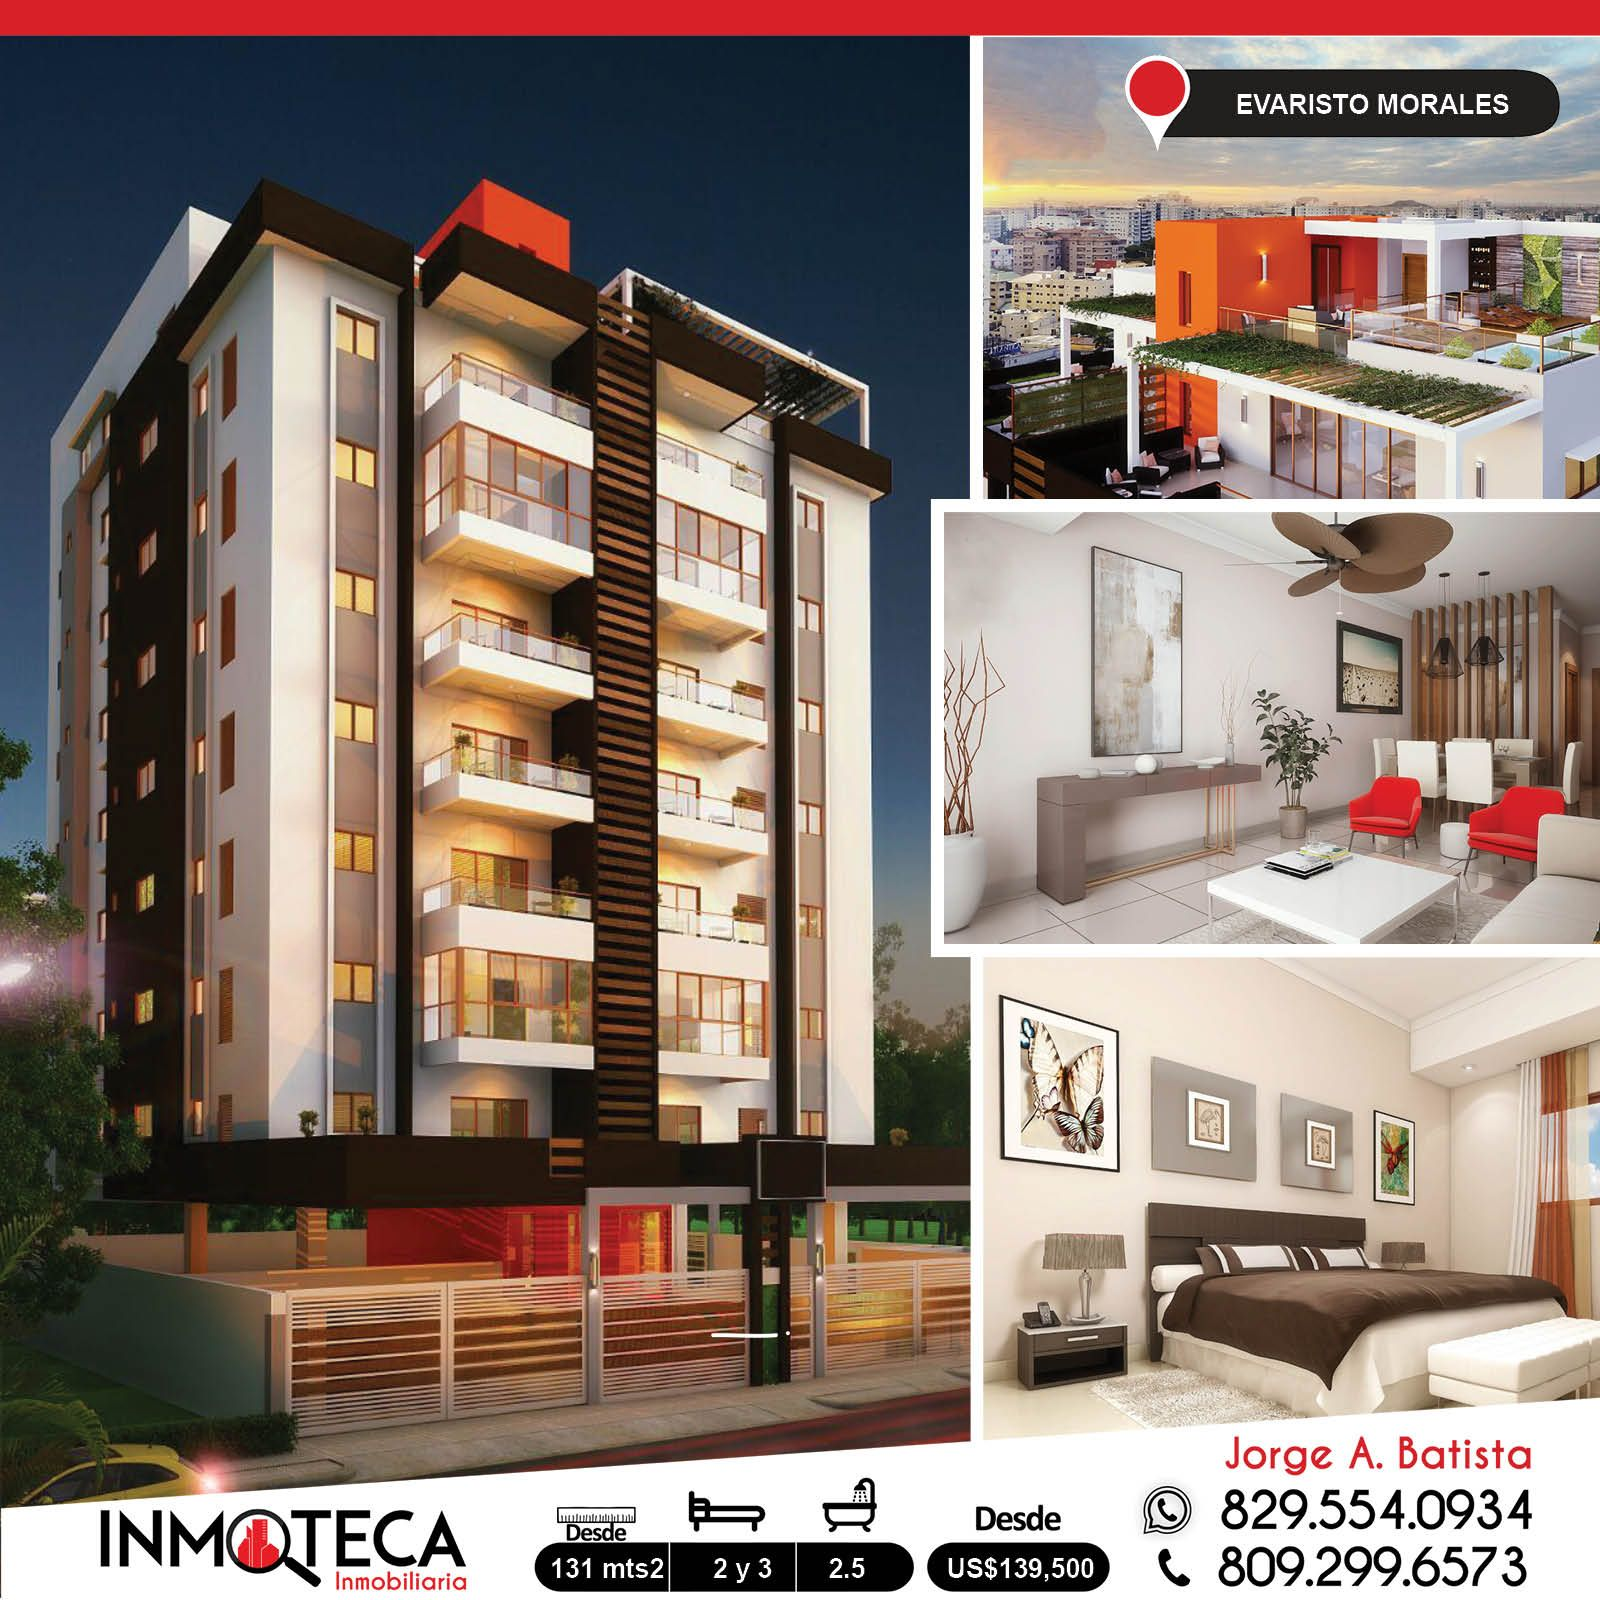 Proyecto De Apartamentos Ubicado En El Sector De Evaristo Morales Con Apartamentos Disponibles 2 Y 3 Habitaciones Apartamentos Estilo En El Hogar Habitacion